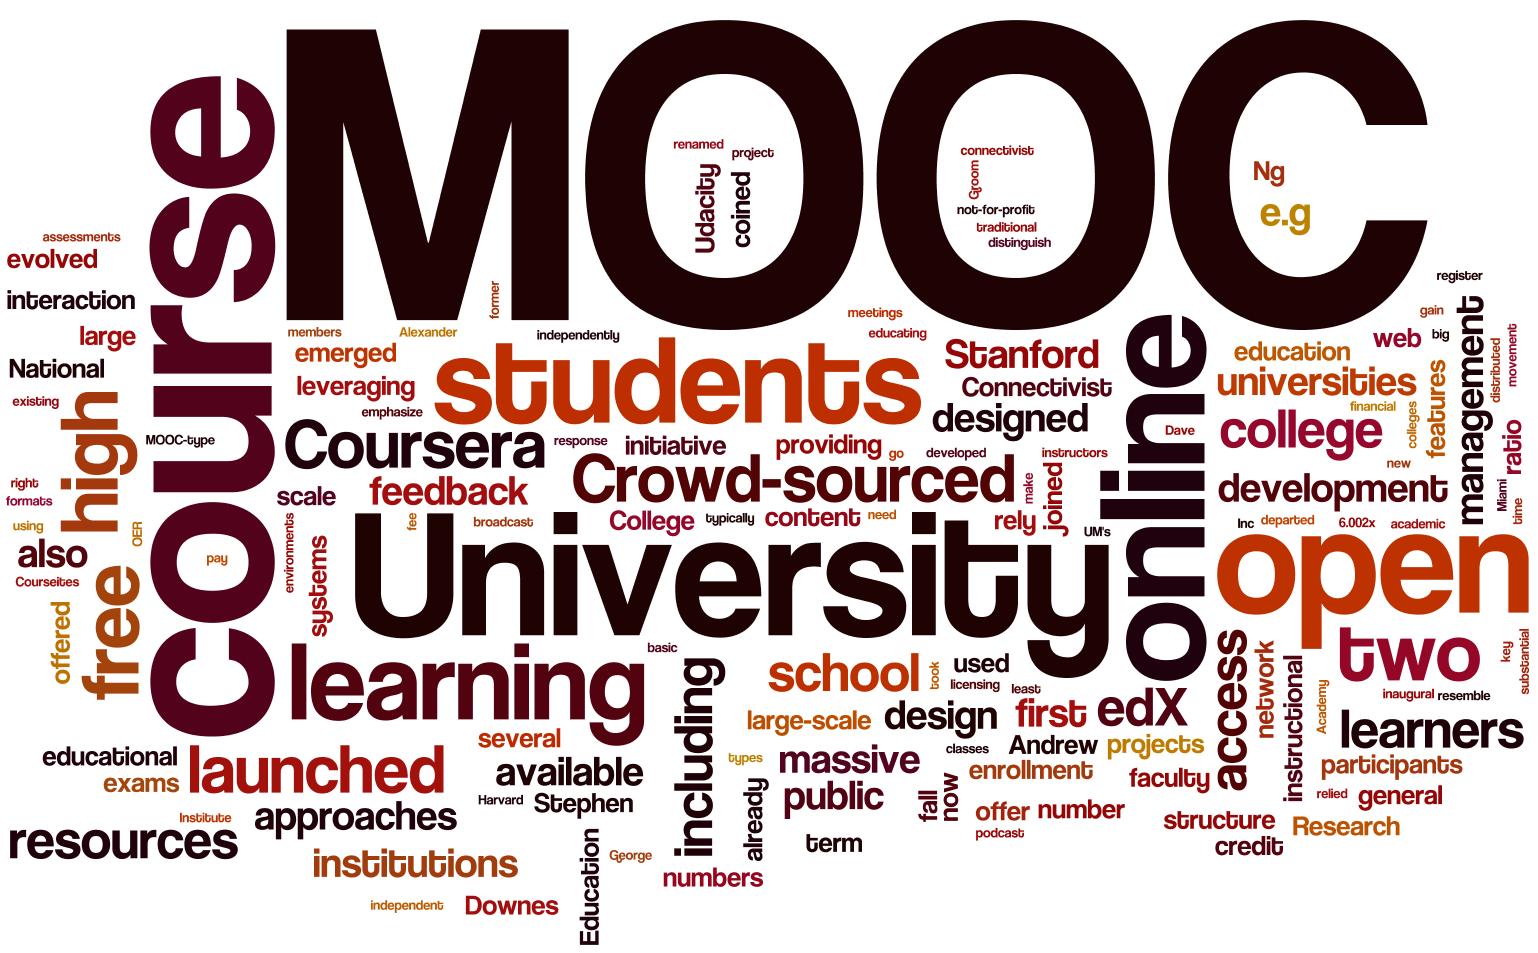 MOOCbetterwordbubble.png